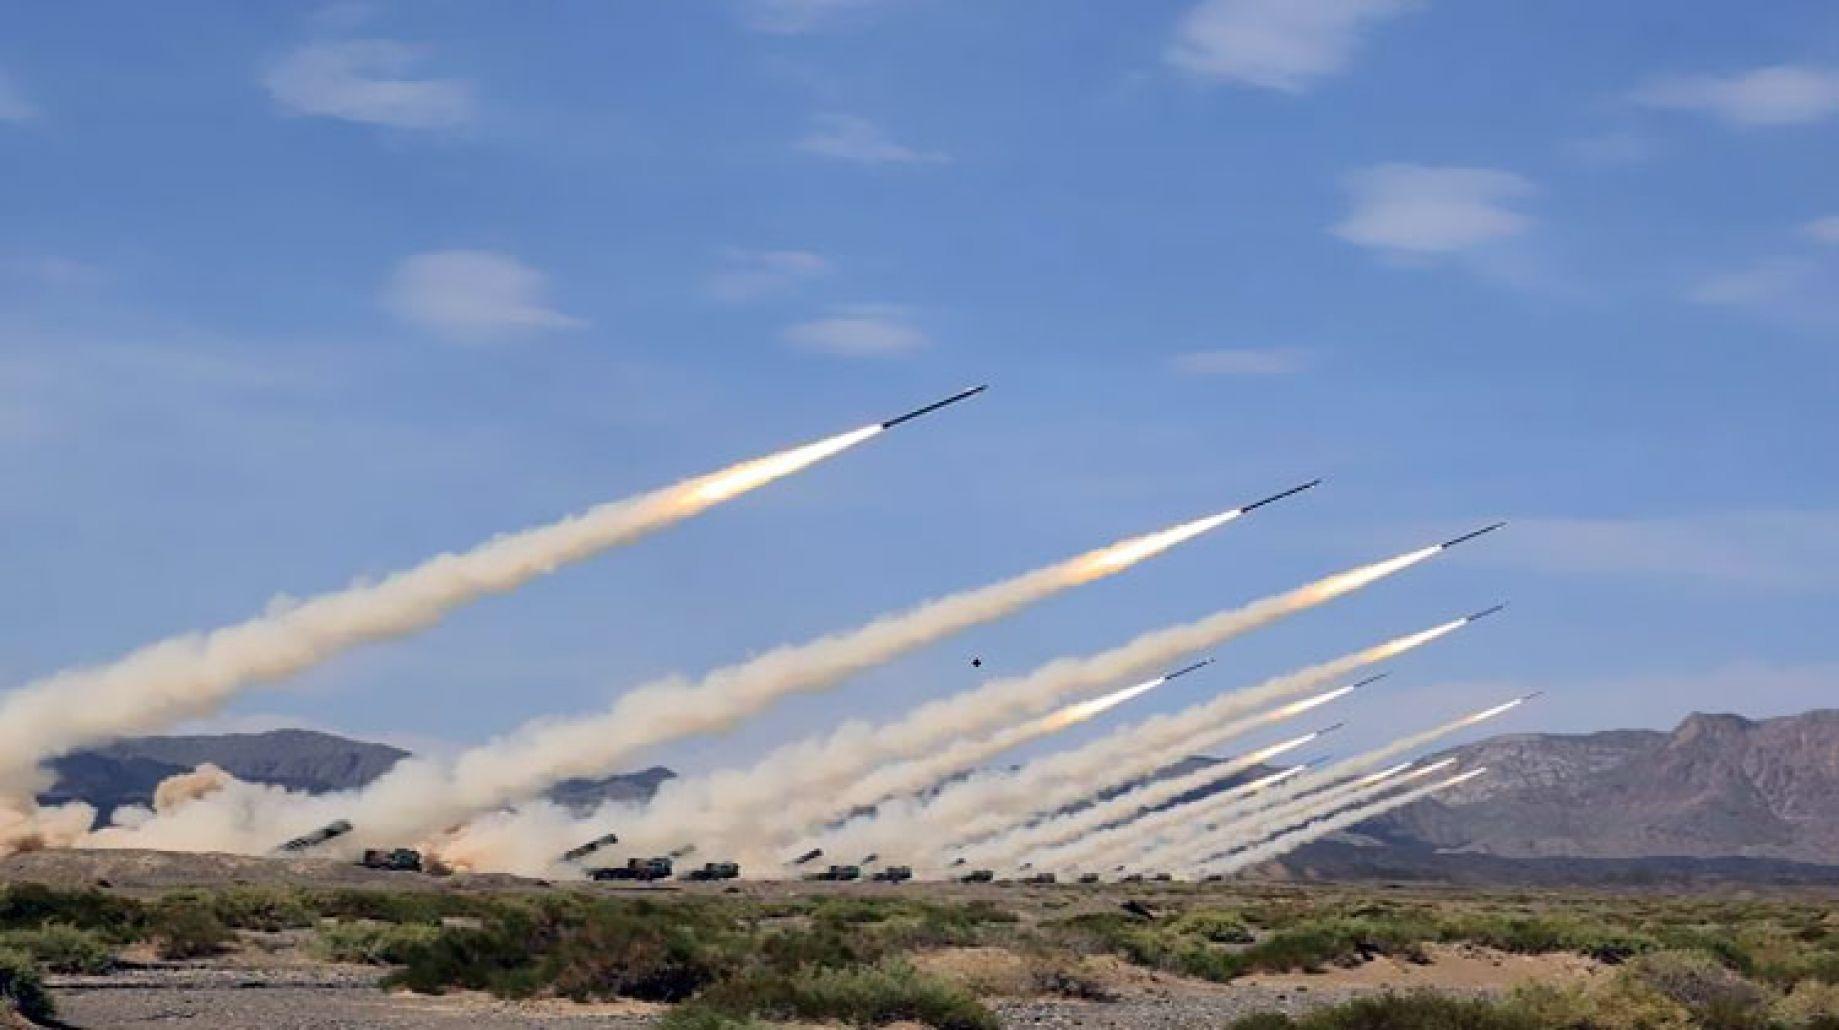 الجيش الإسرائيلي يؤكد إطلاق عدة صواريخ من جنوب لبنان على إسرائيل